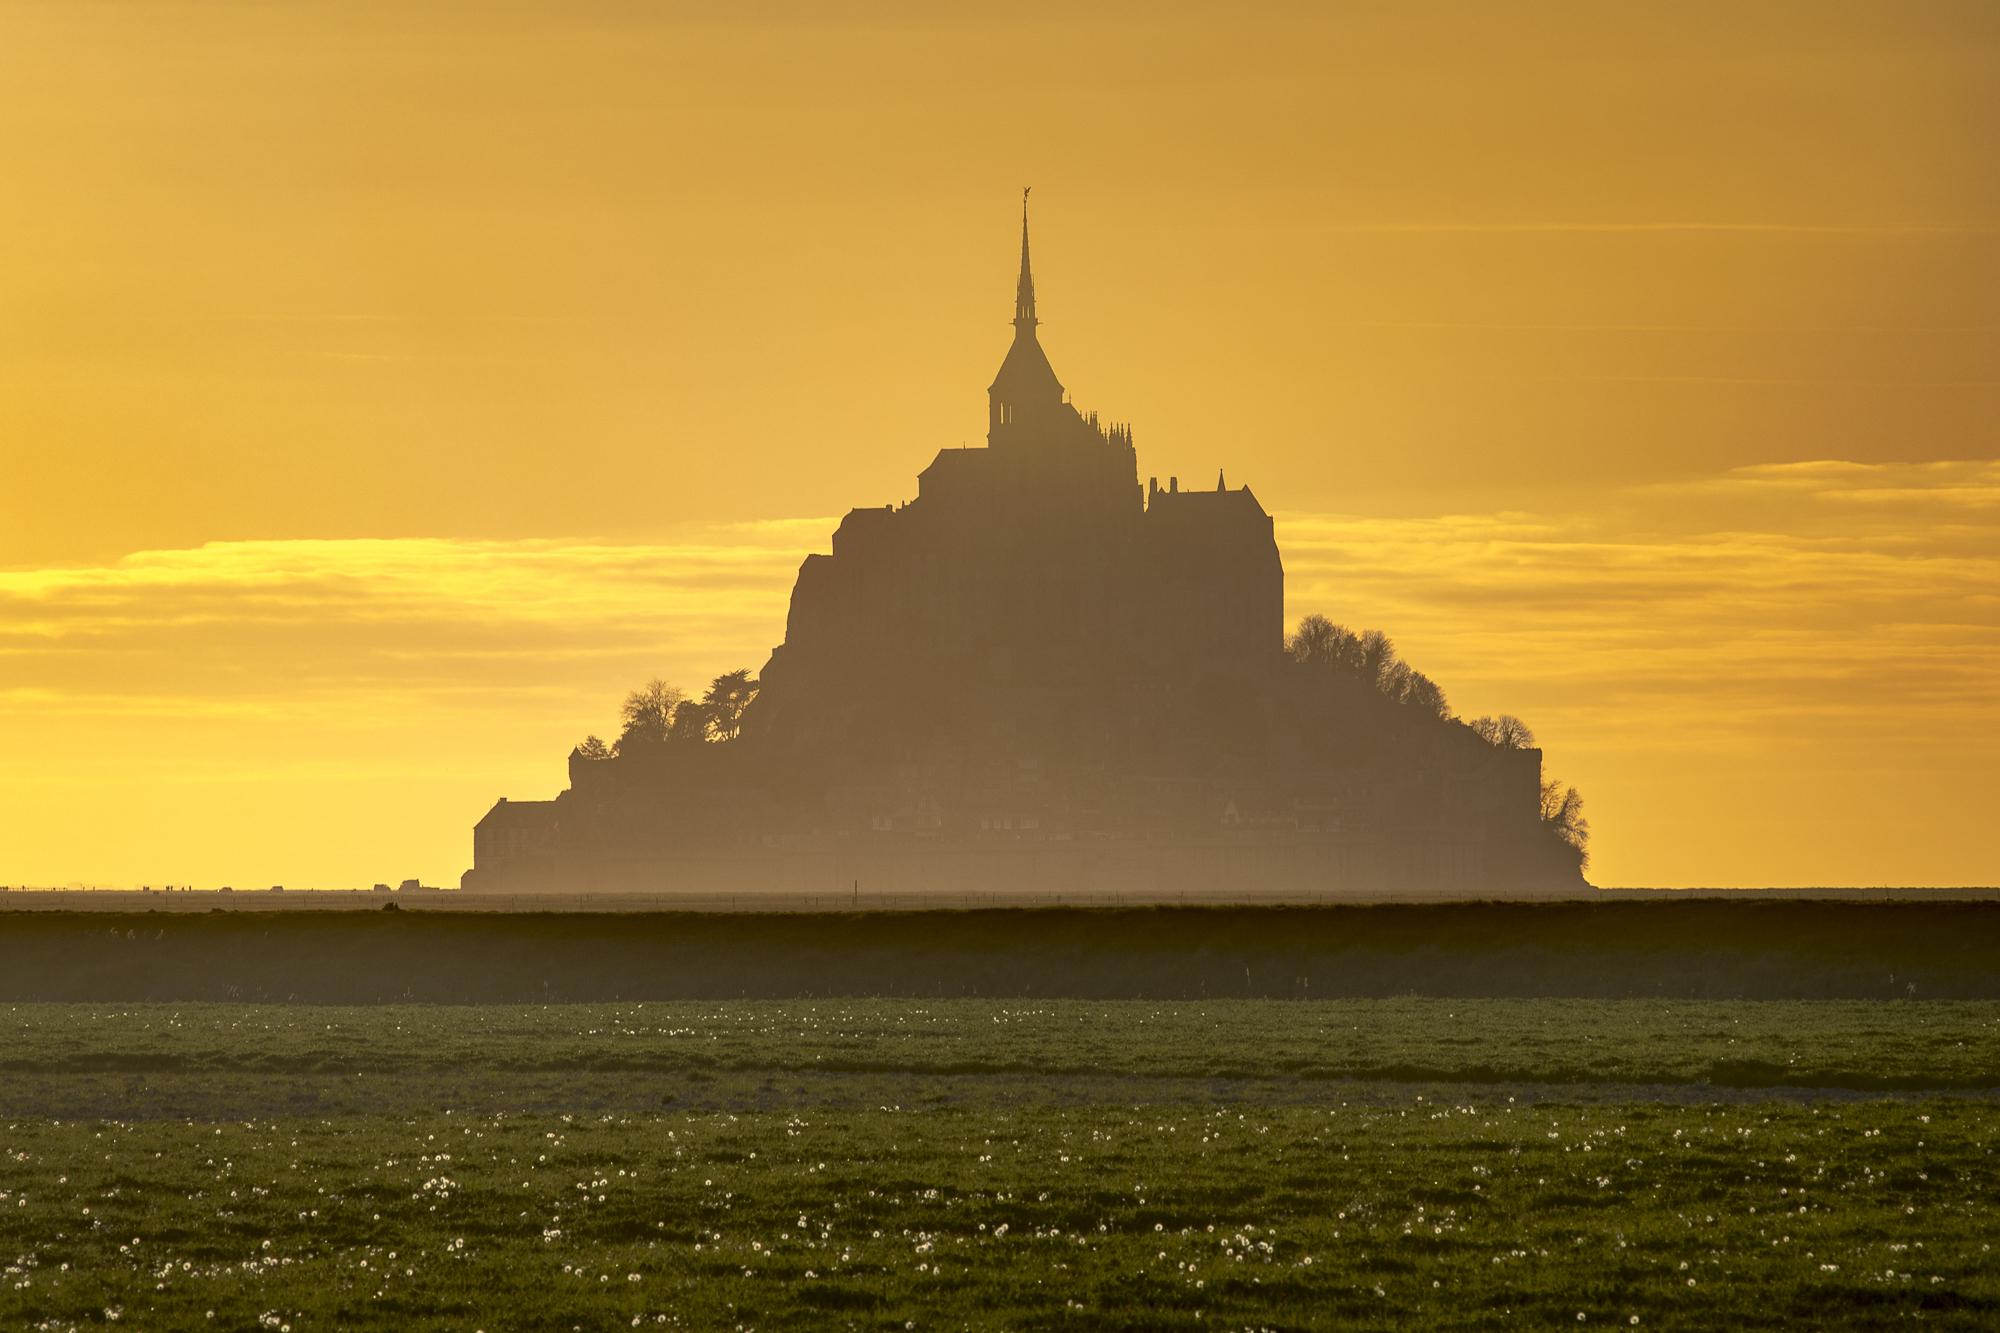 normandy-mont-saint-michel-photo-tour-06.jpg